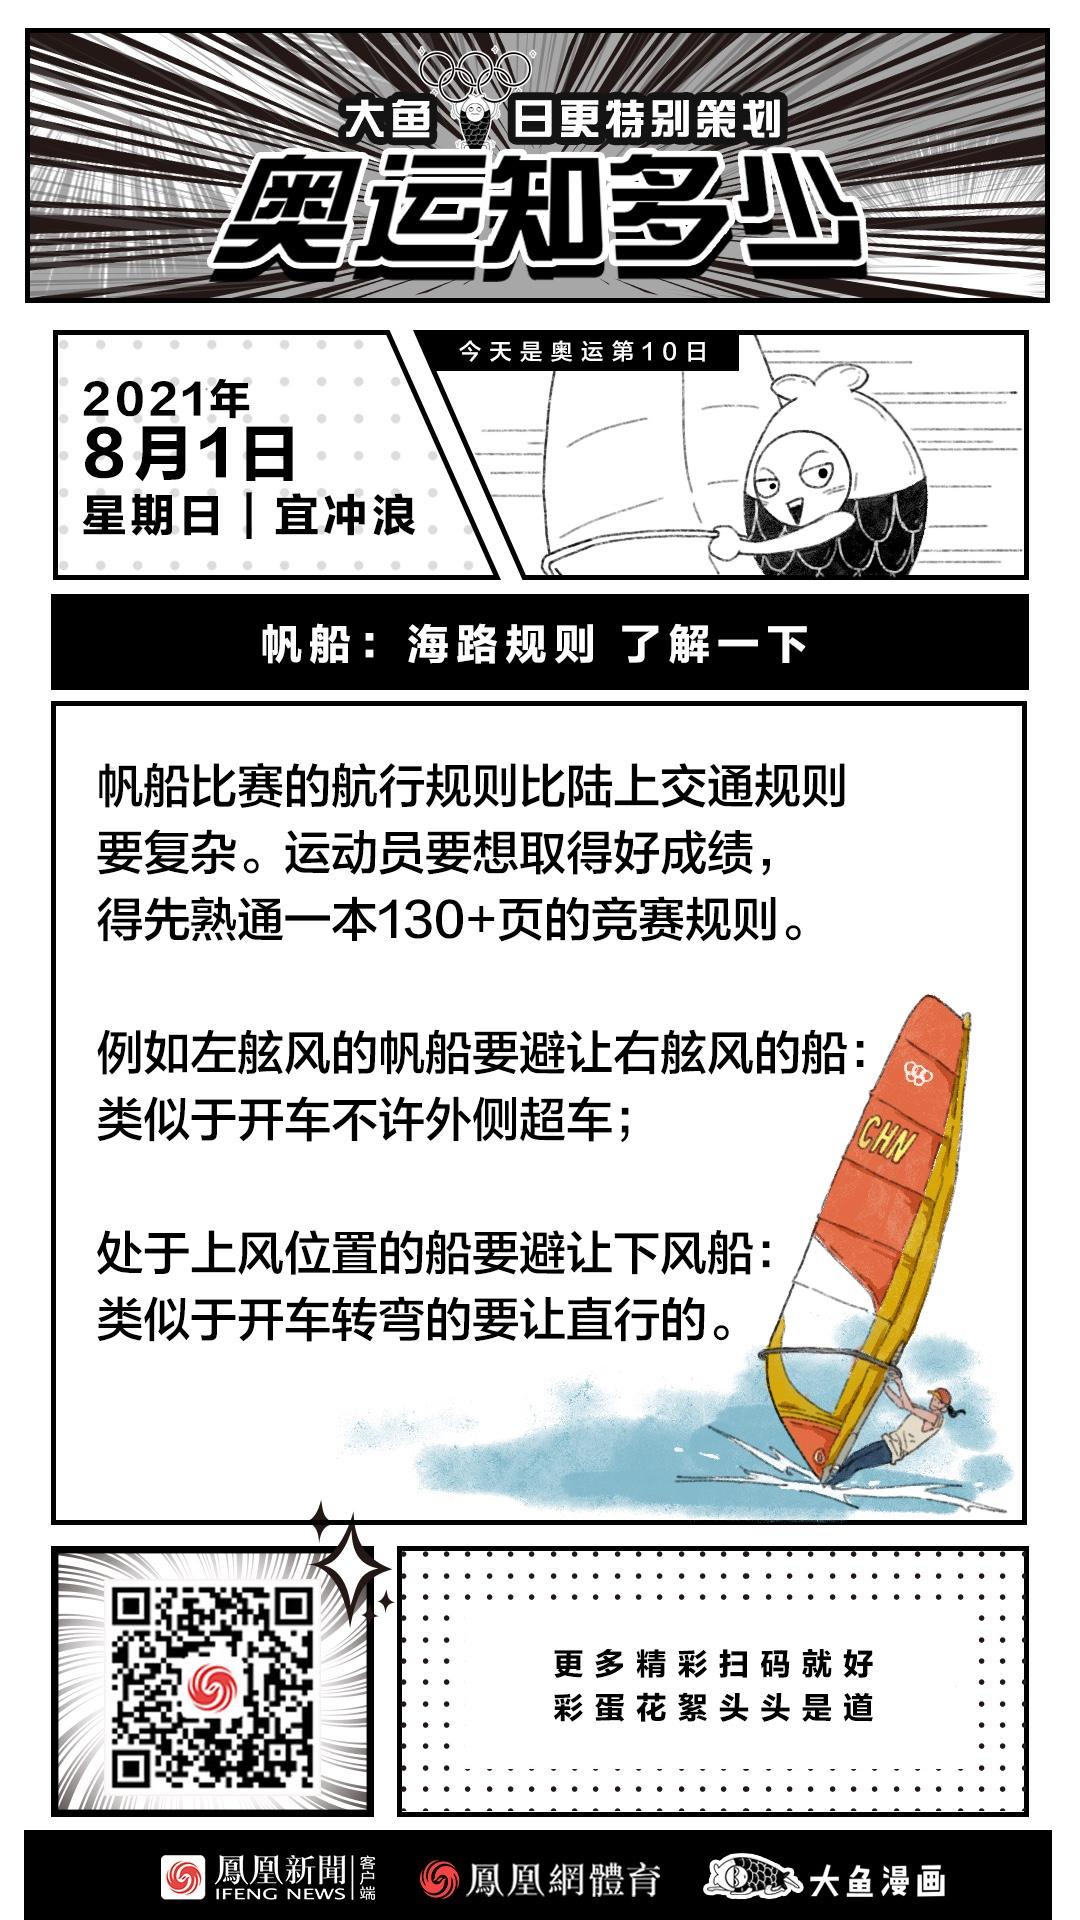 奥运知多少:海上航行有多复杂?|大鱼漫画